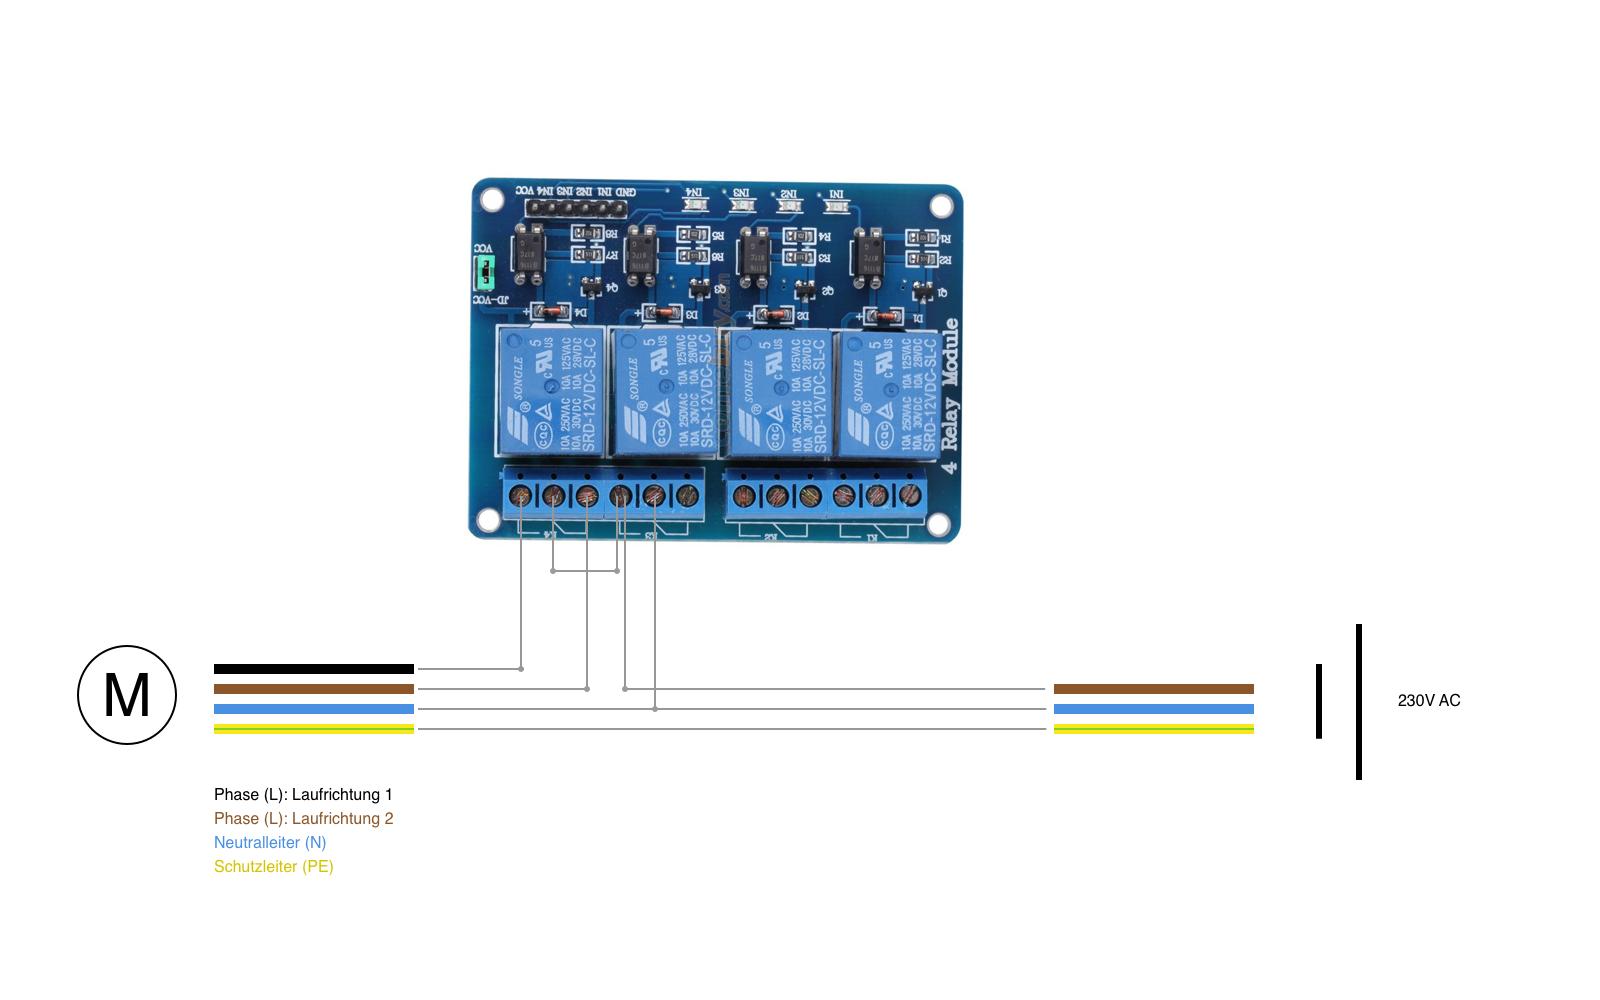 Rolladensteuerung mit Arduino. Ist diese Schaltung korrekt ...